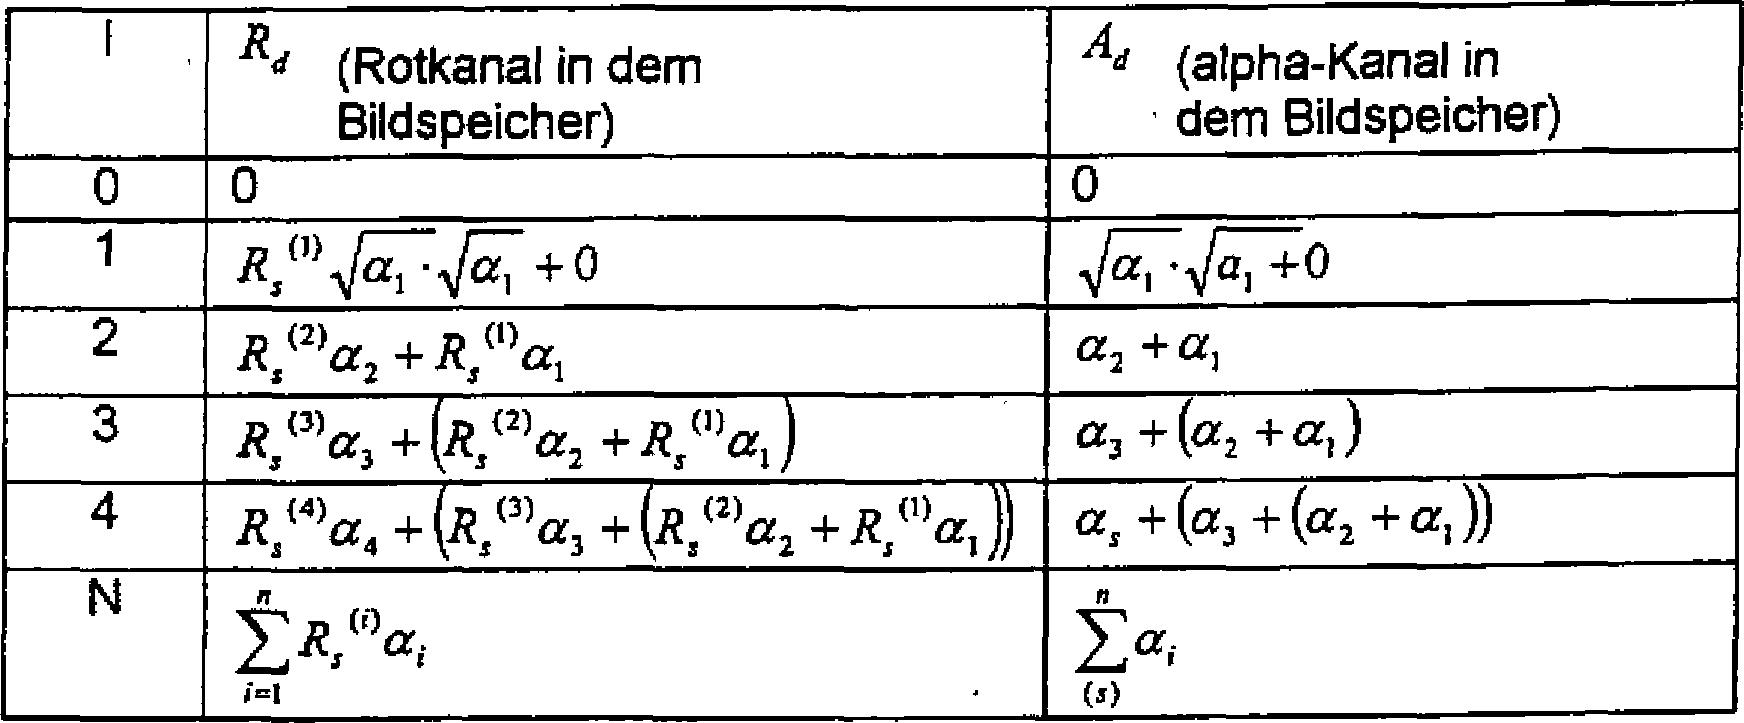 Figure DE000010141516B9_0008